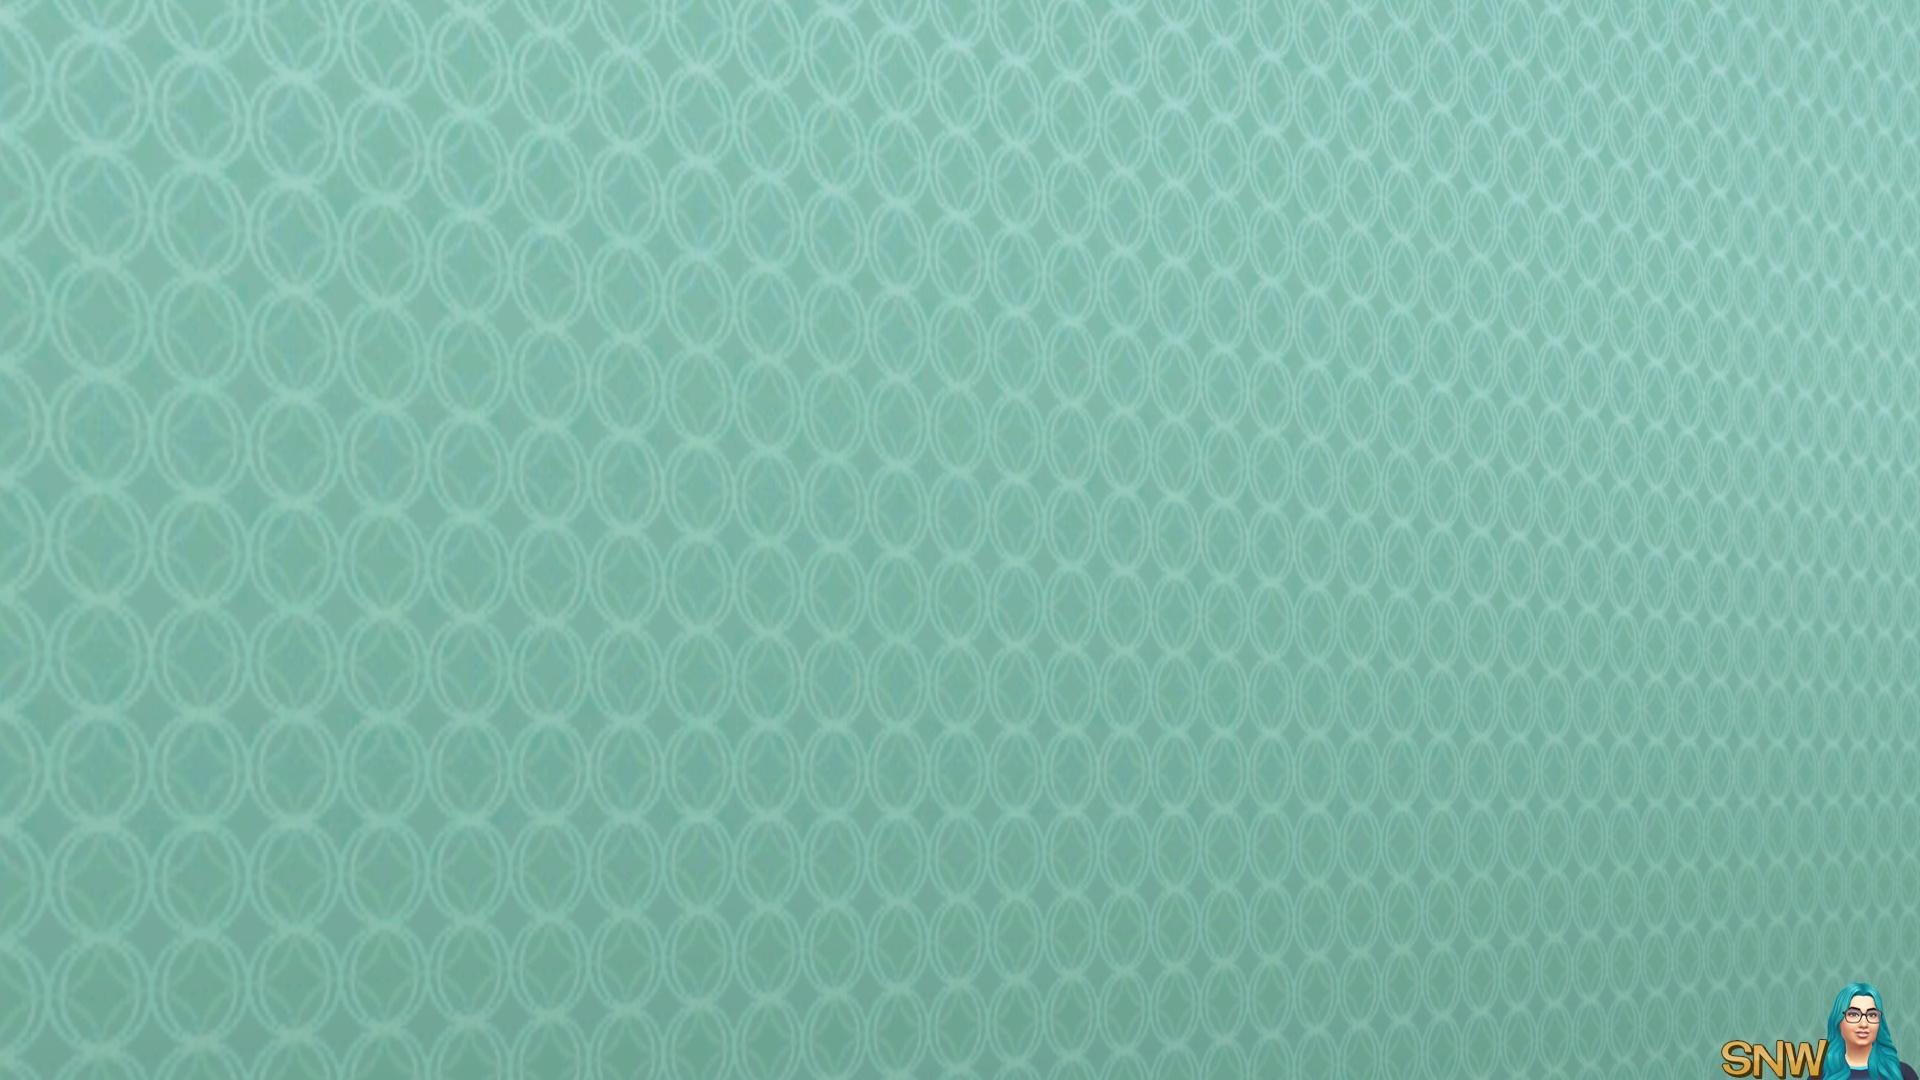 Spring Fling Retro blue wallpaper